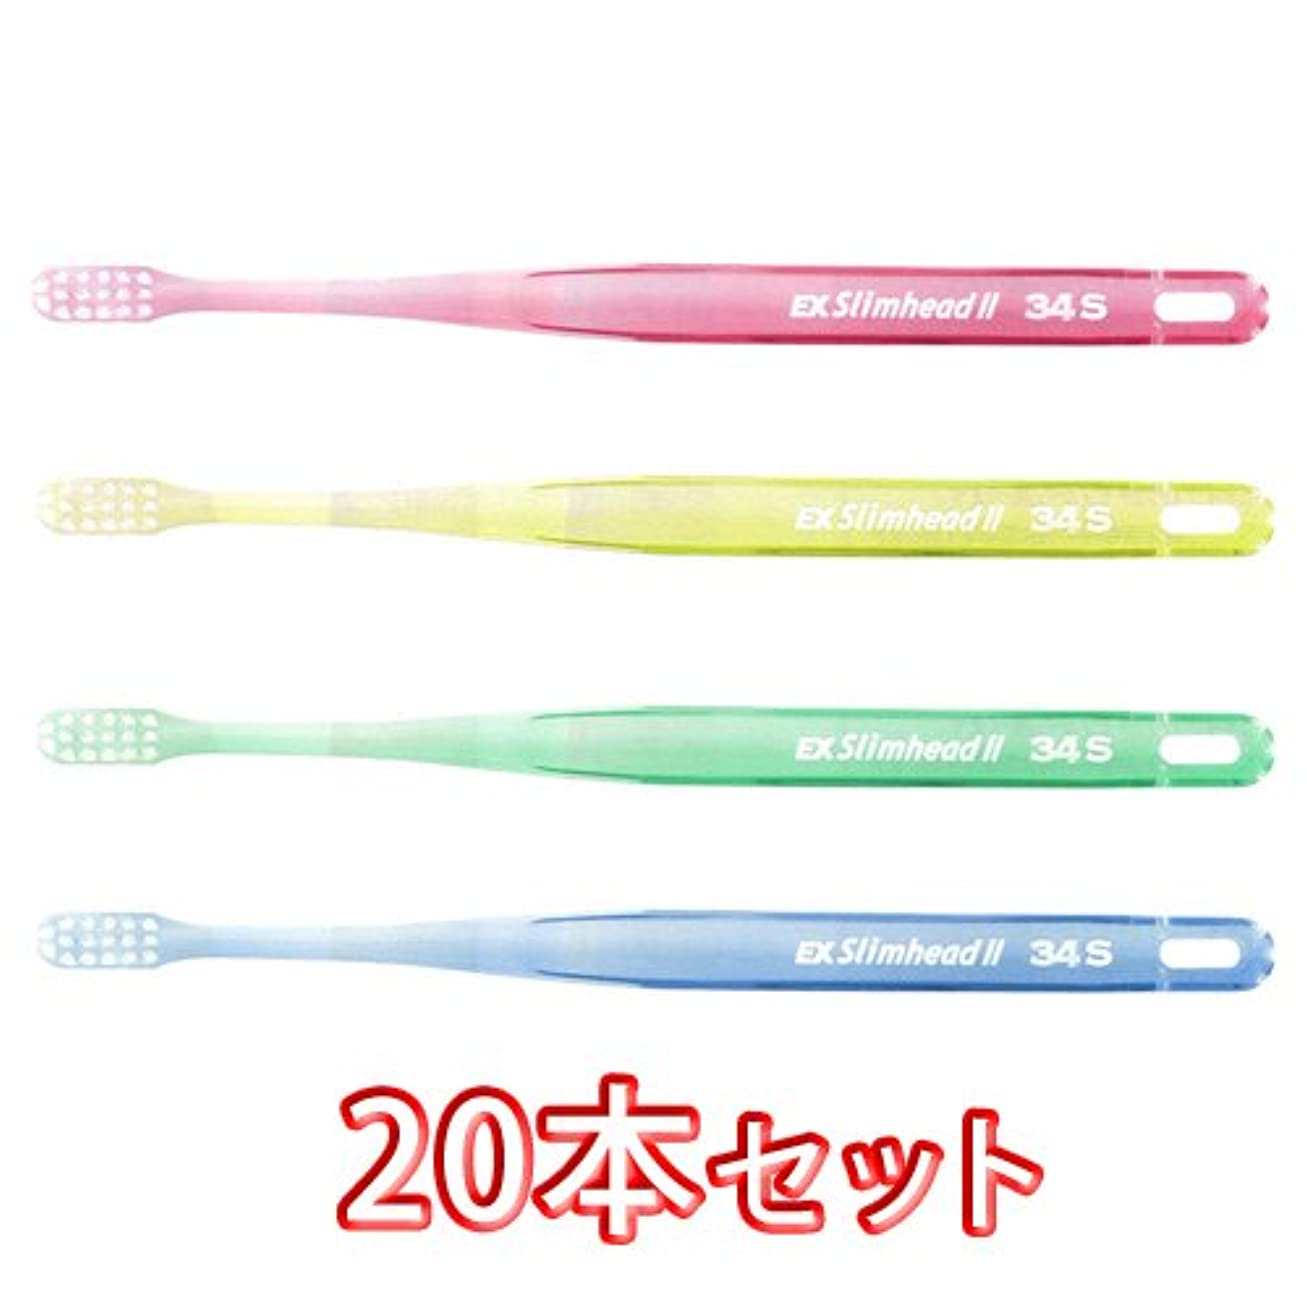 頭痛属性オペラライオン スリムヘッド2 歯ブラシ DENT . EX Slimhead2 20本入 (34S)